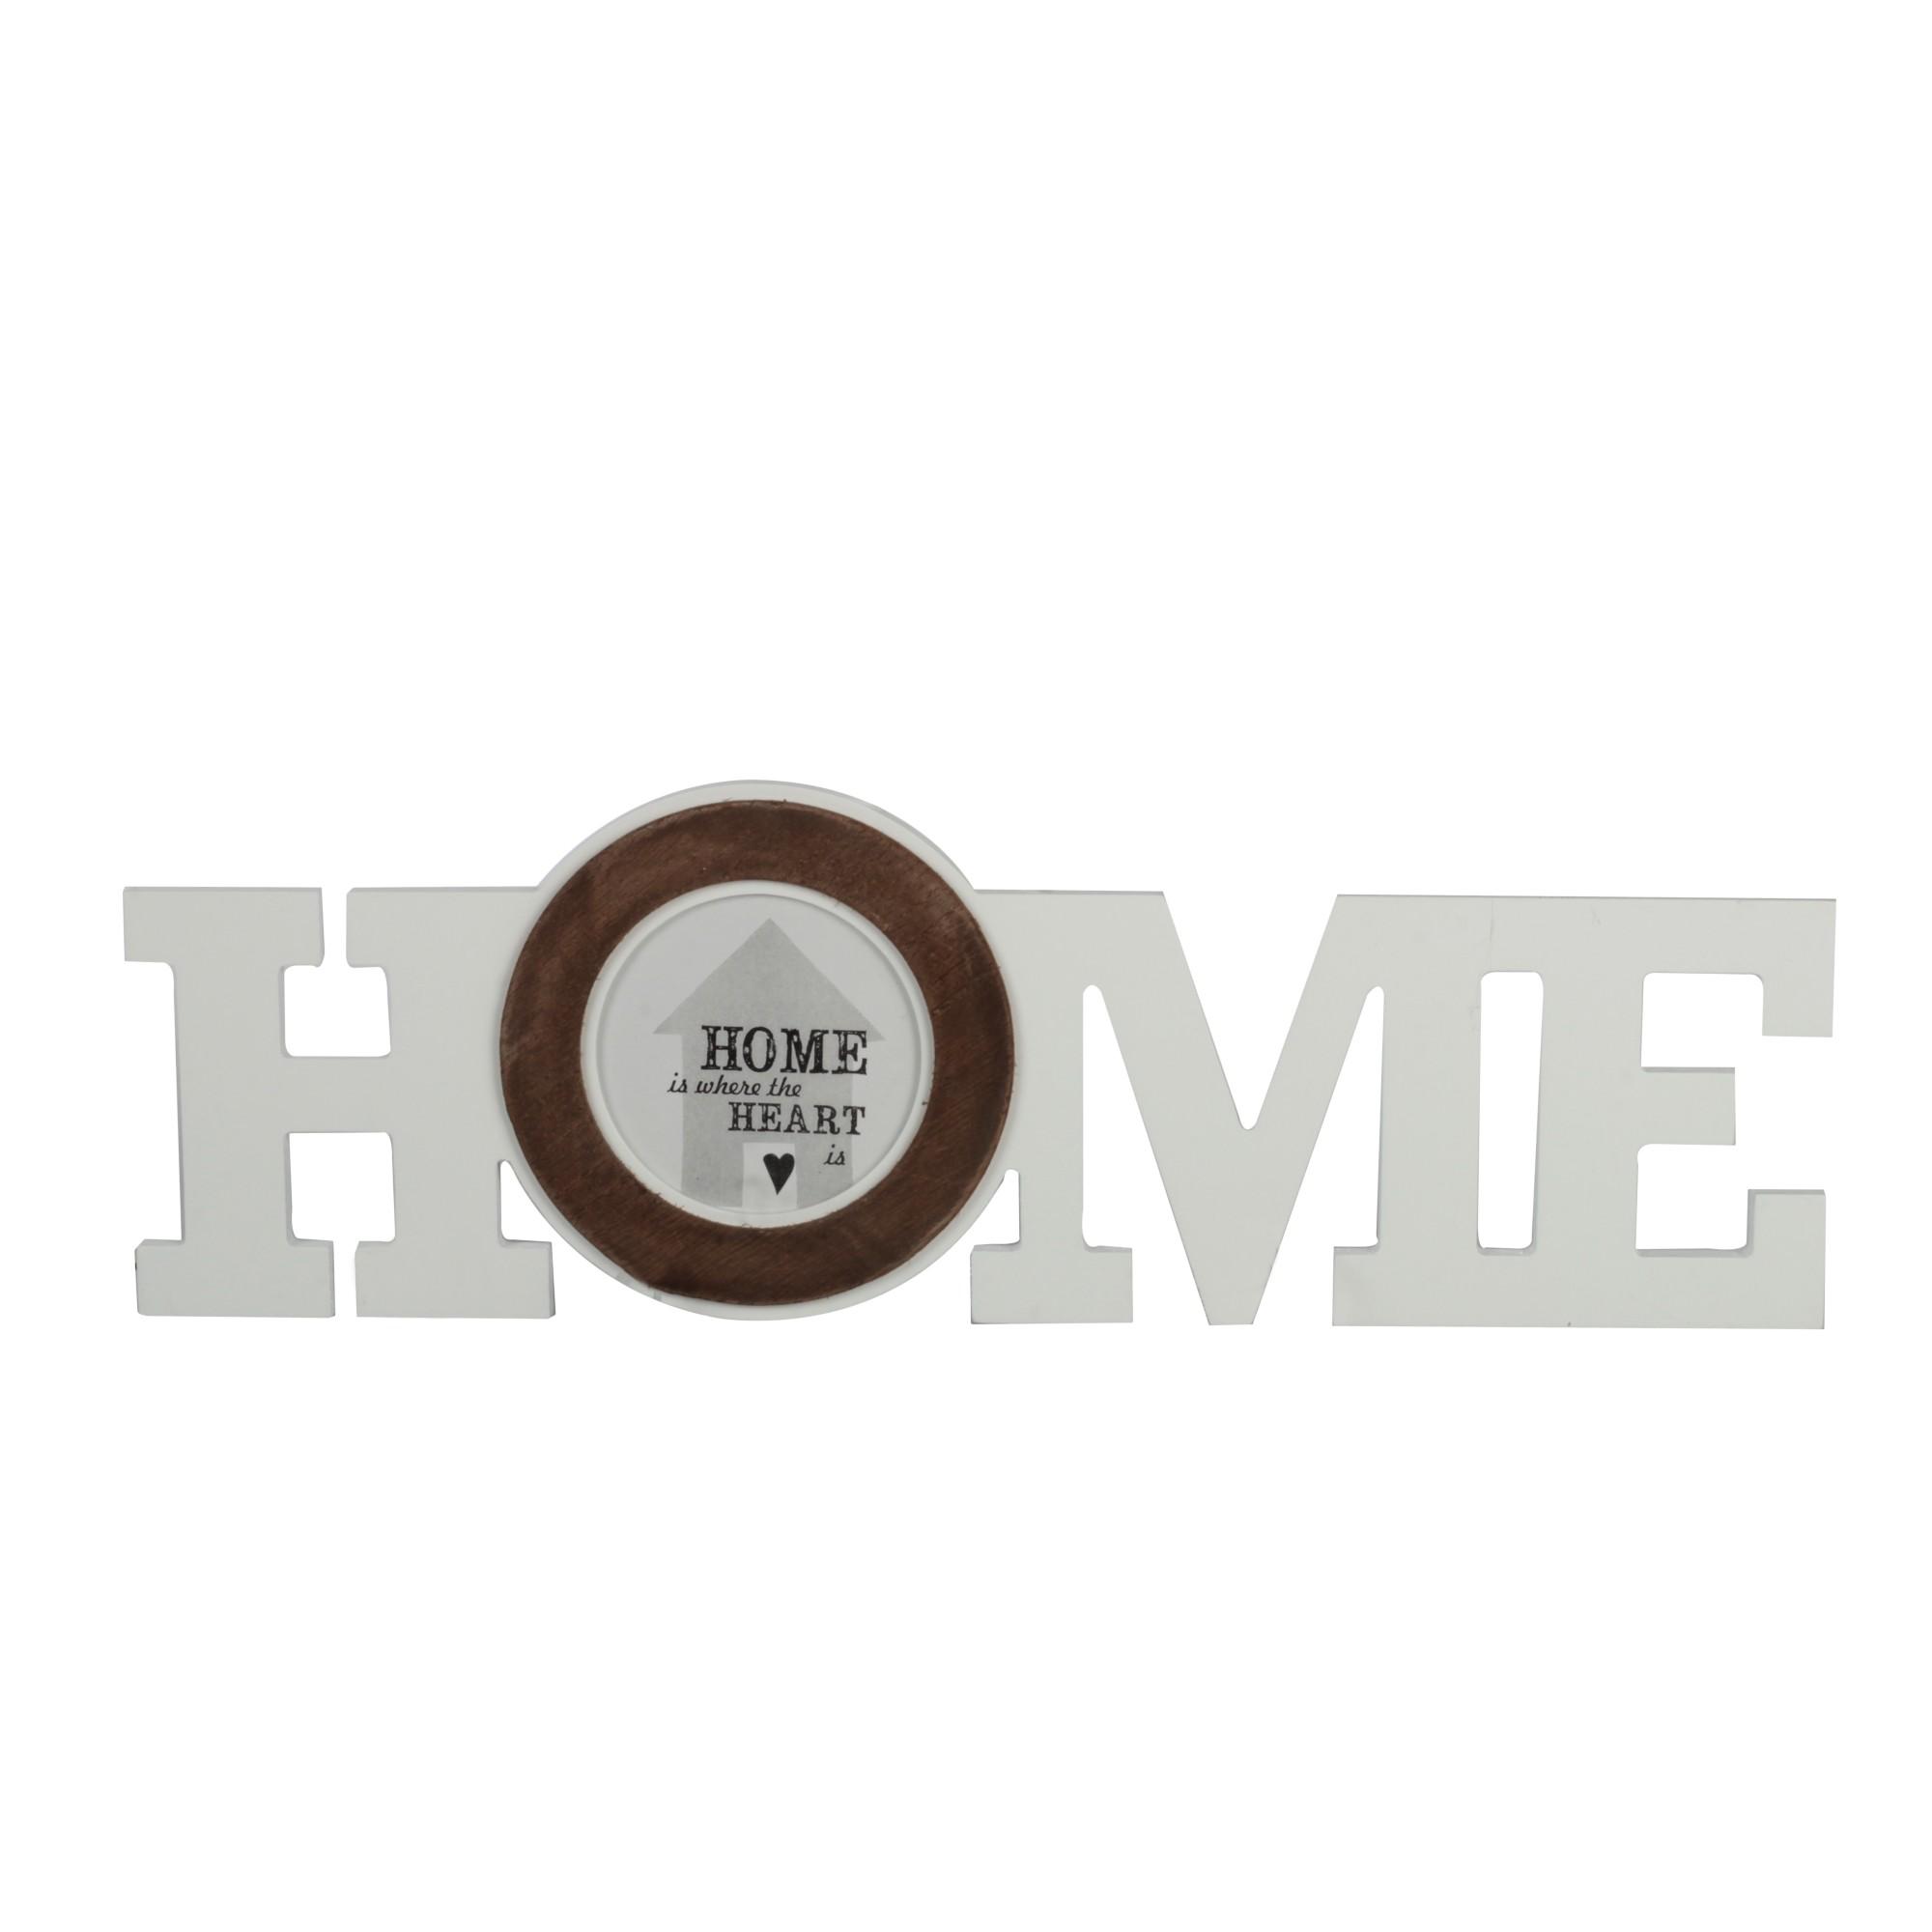 Placa Decorativa 17x30 cm Home 02014 - Noritex